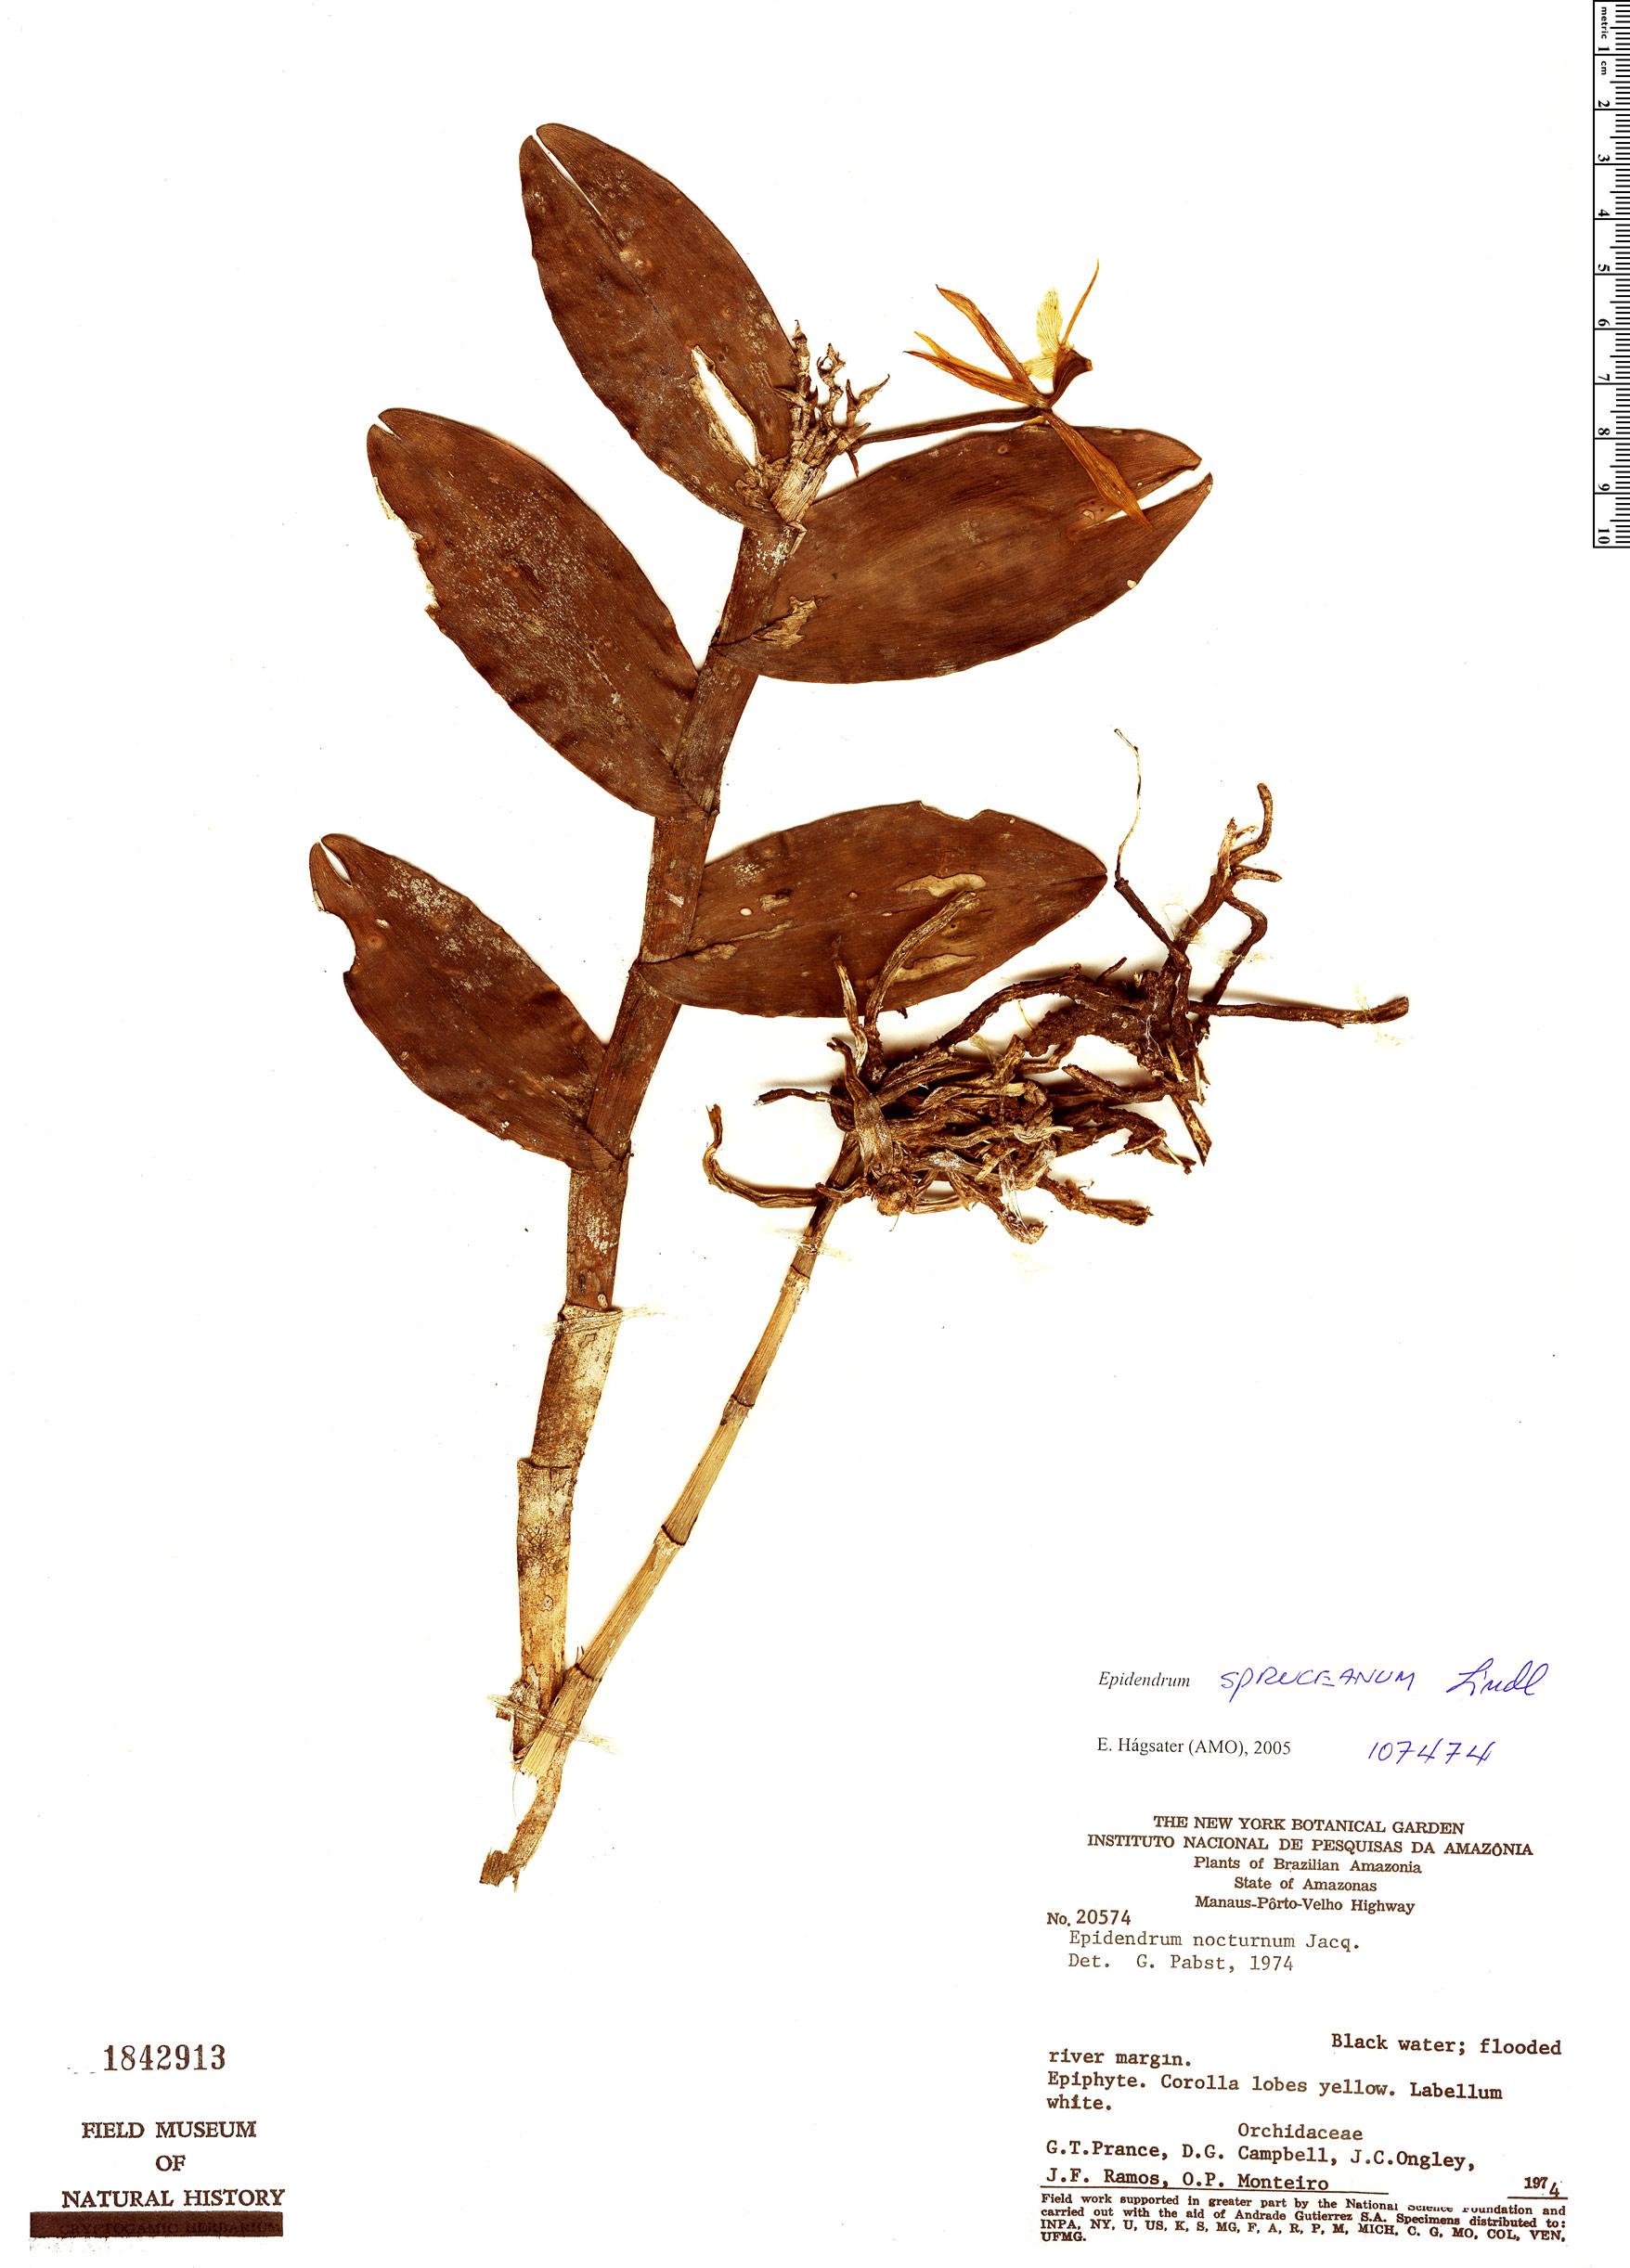 Specimen: Epidendrum spruceanum